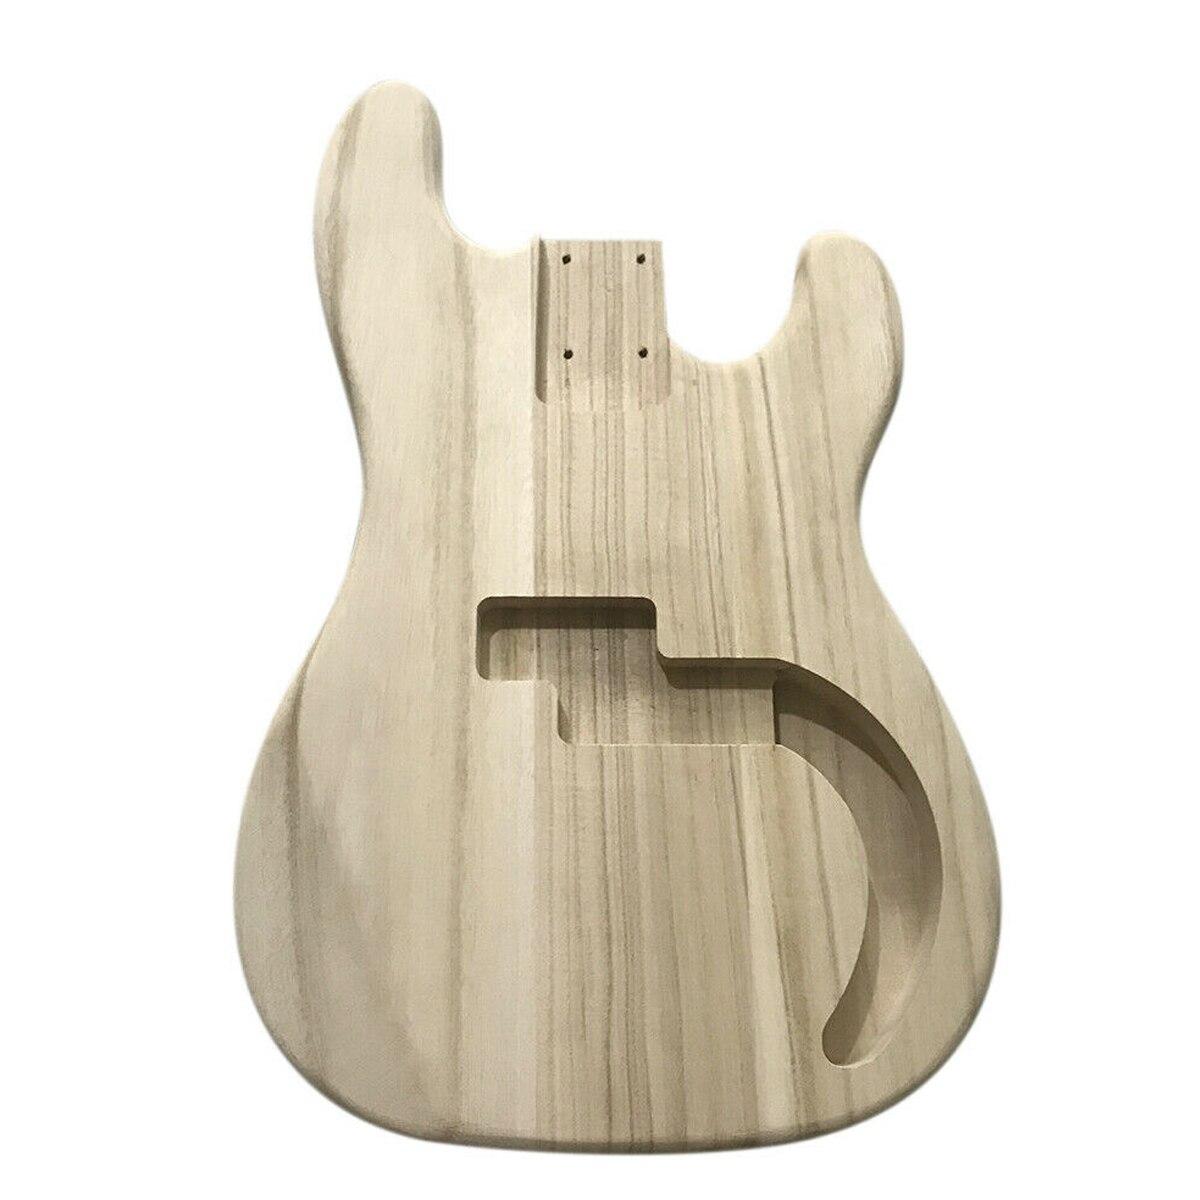 Corps de baril de basse de guitare électrique en bois d'érable inachevé de bricolage pour des pièces de rechange de guitare